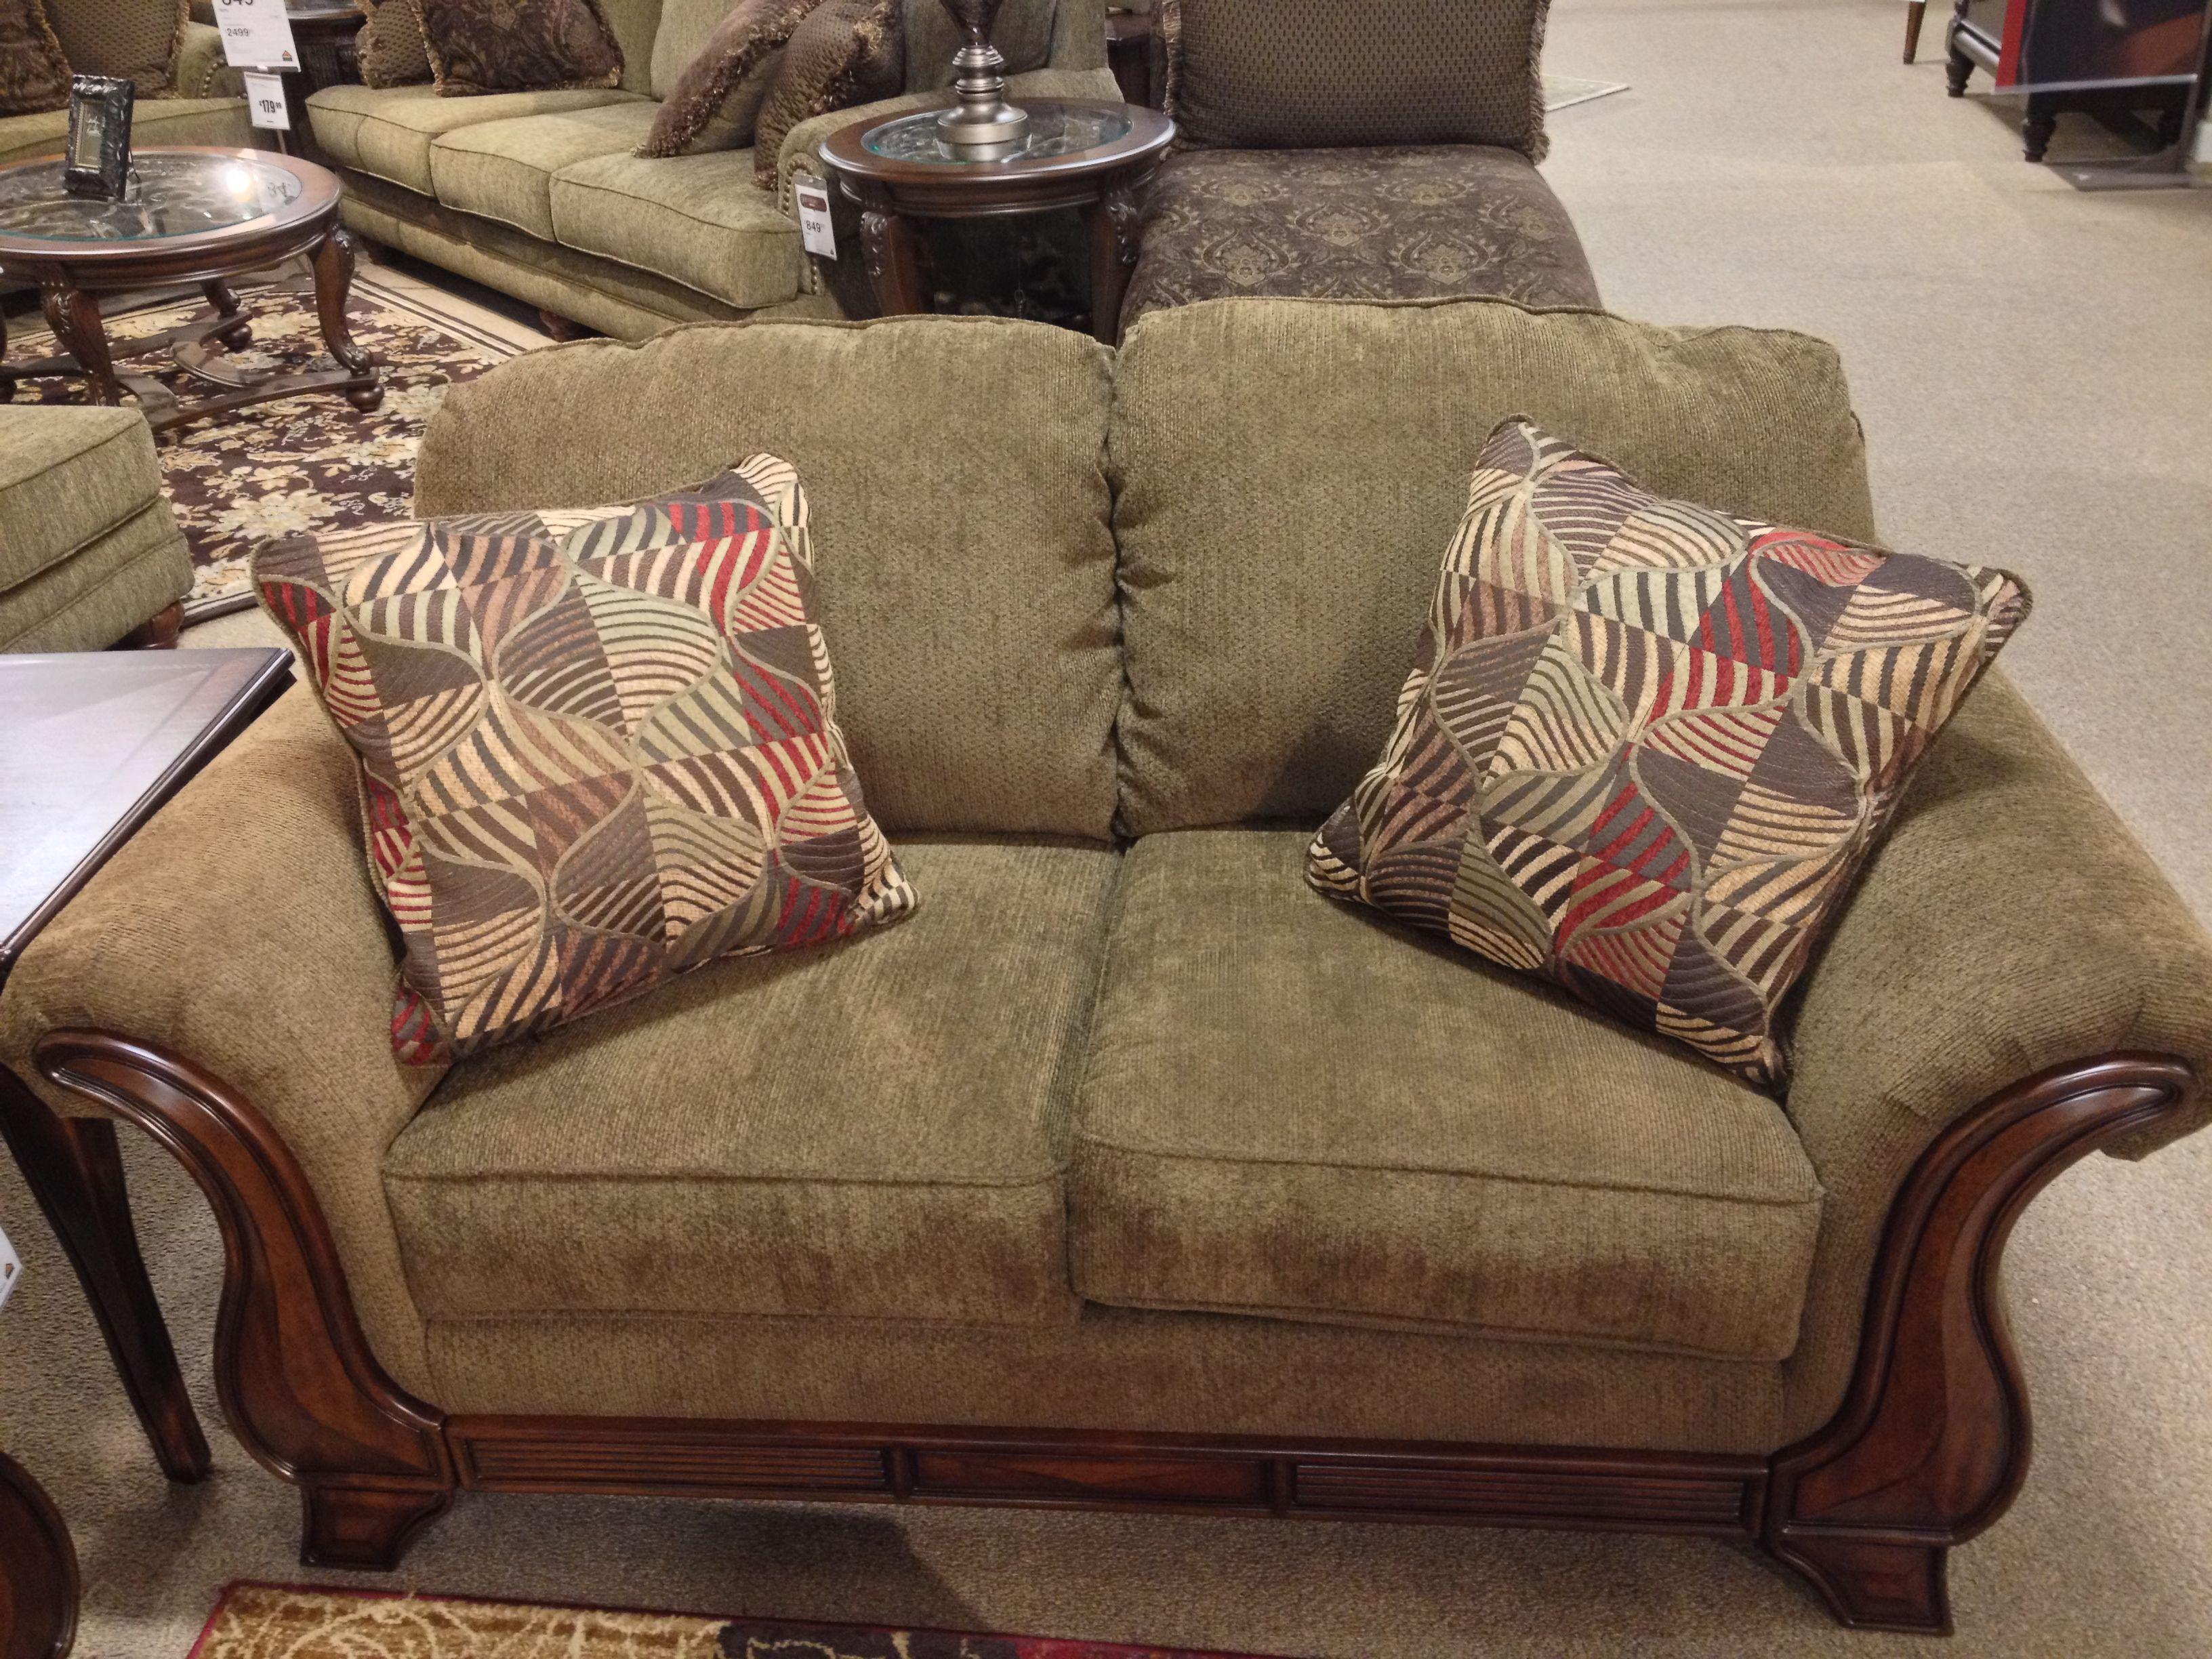 Nebraska Furniture Mart Living Room Sets 17 Best Images About Furniture Style On Pinterest Living Room